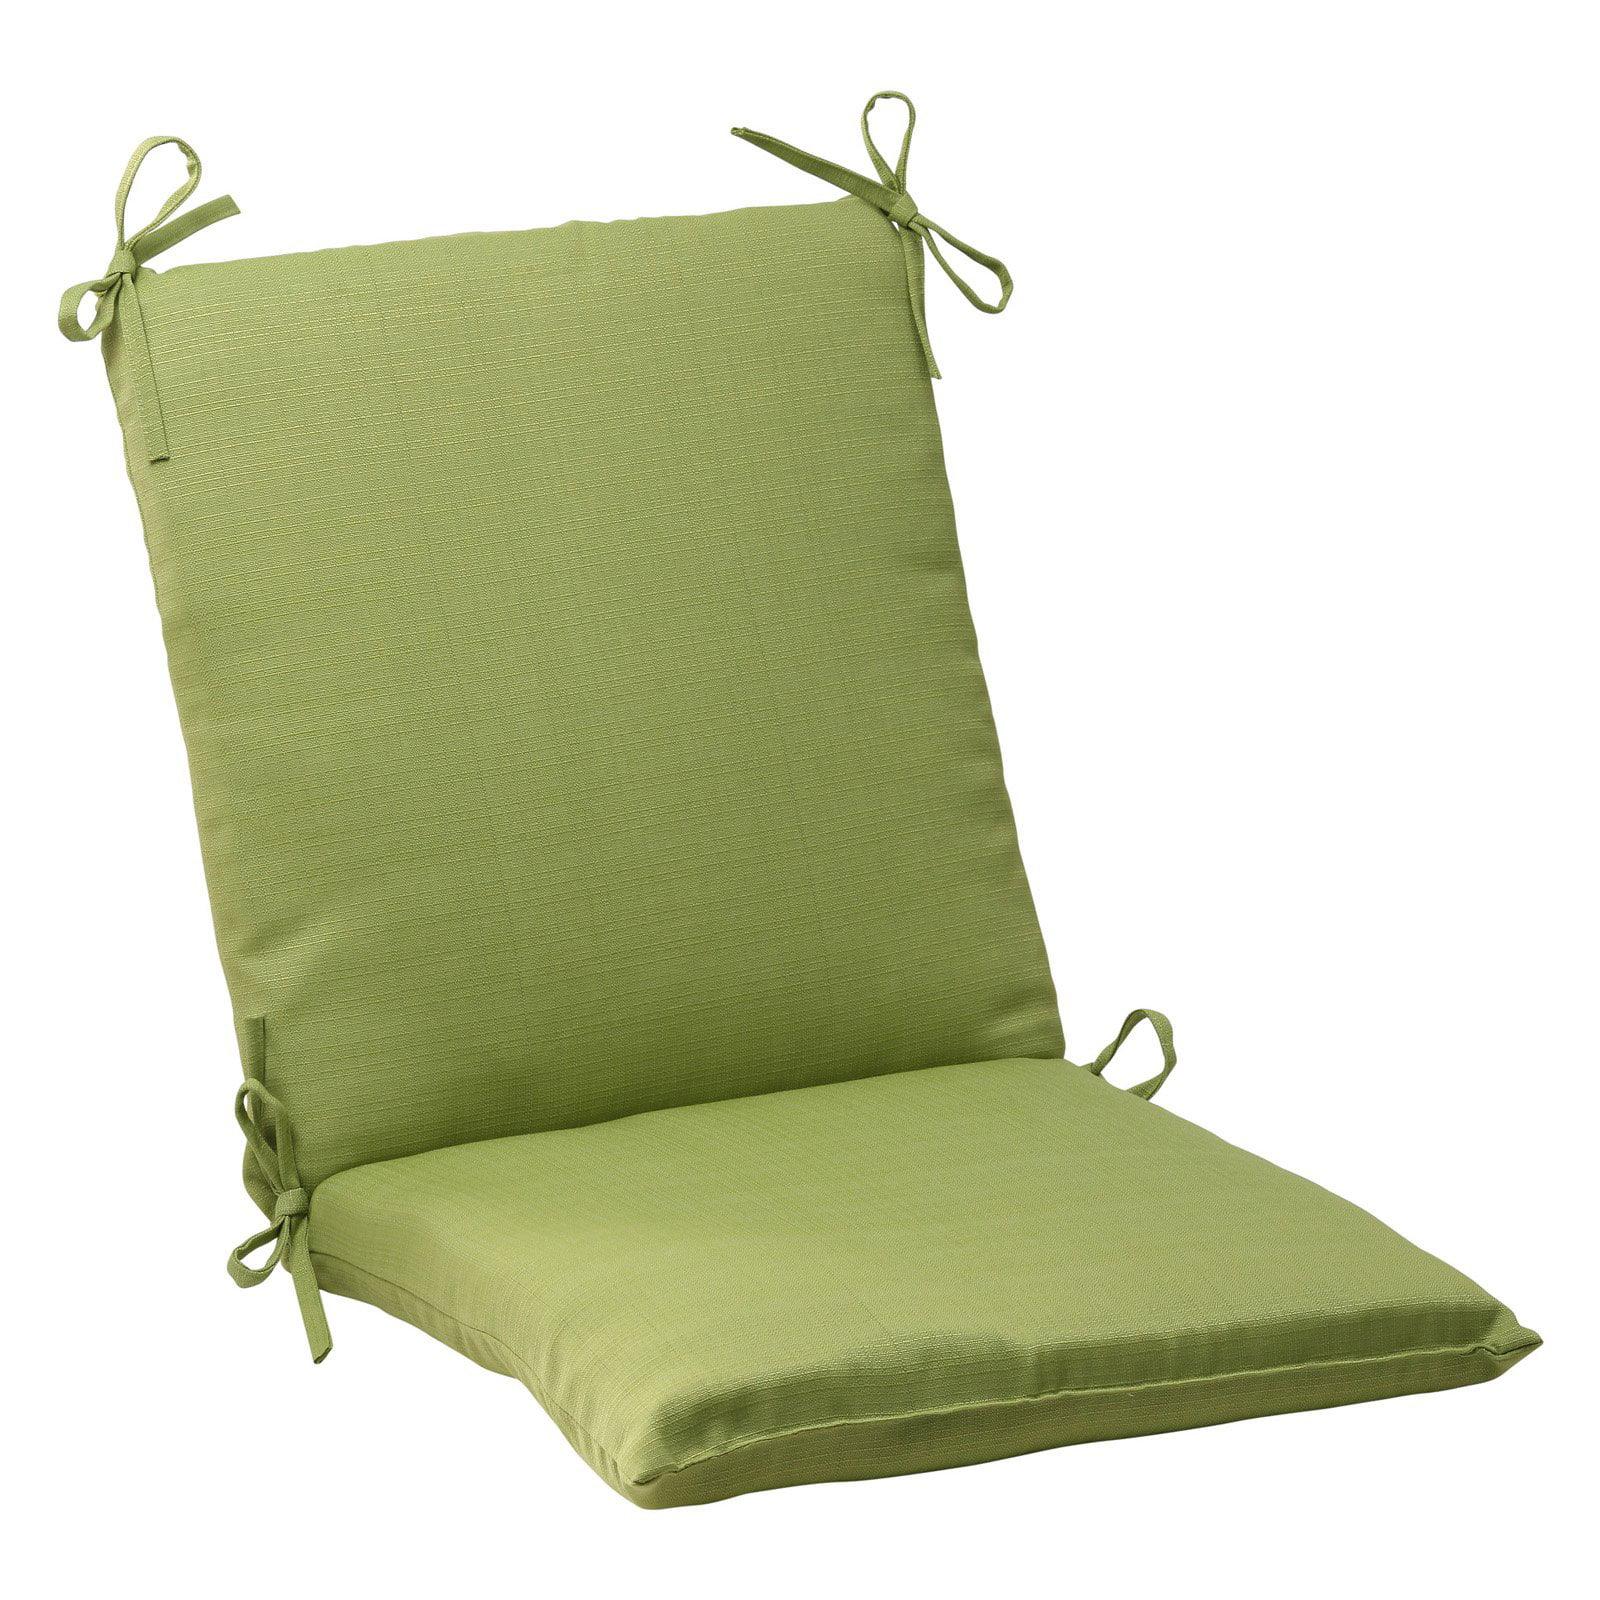 Pillow Perfect Outdoor Indoor Veranda Turquoise Squared Corners